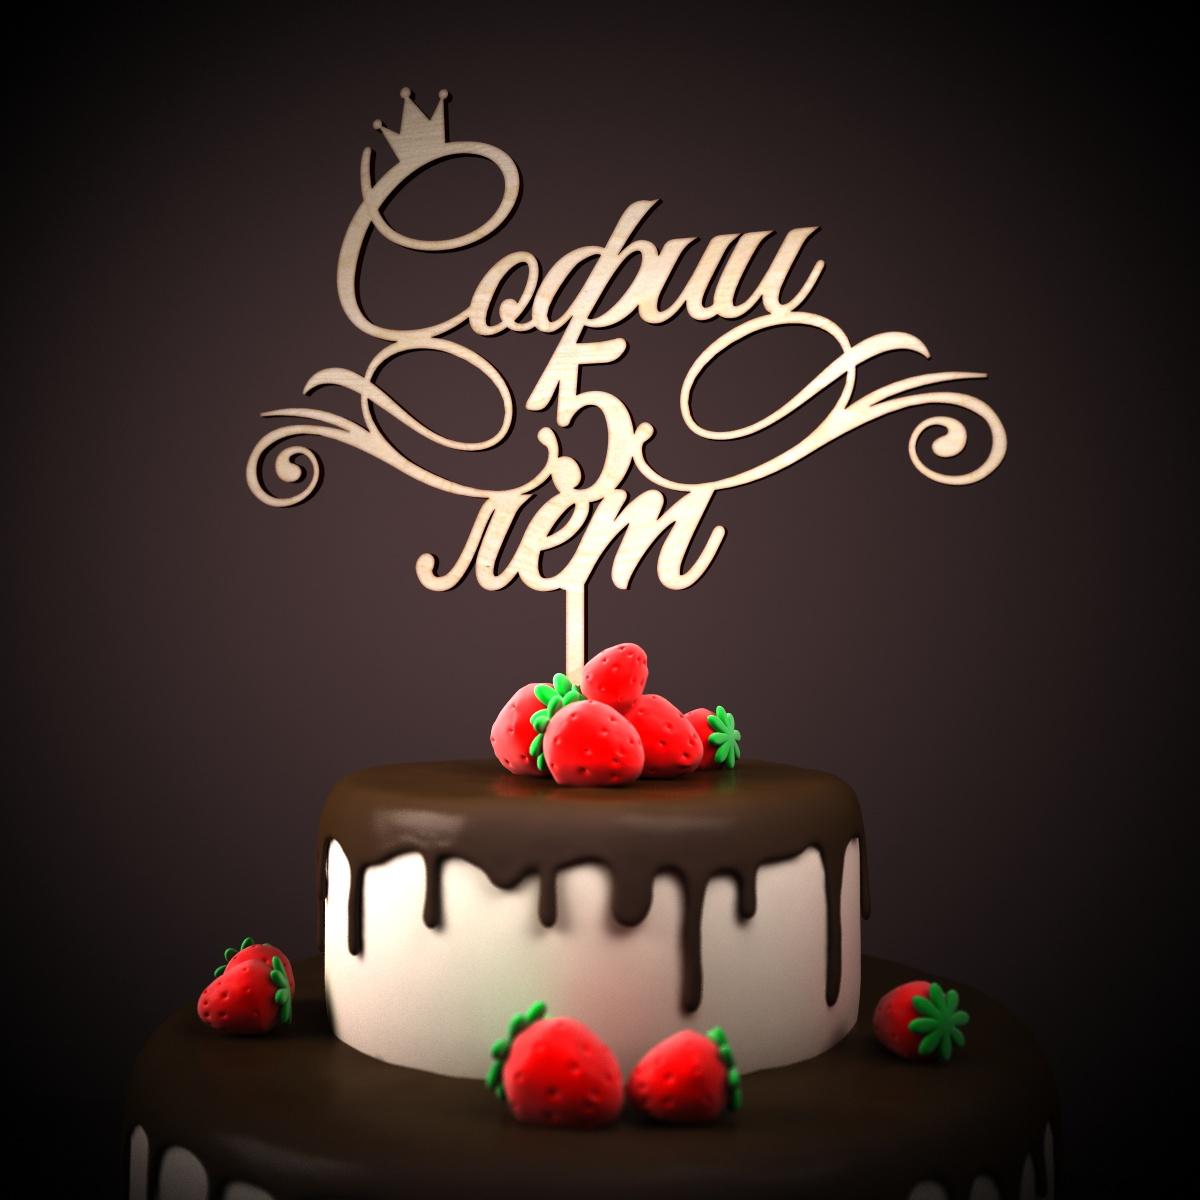 Поздравление с днем рождения сони 5 лет